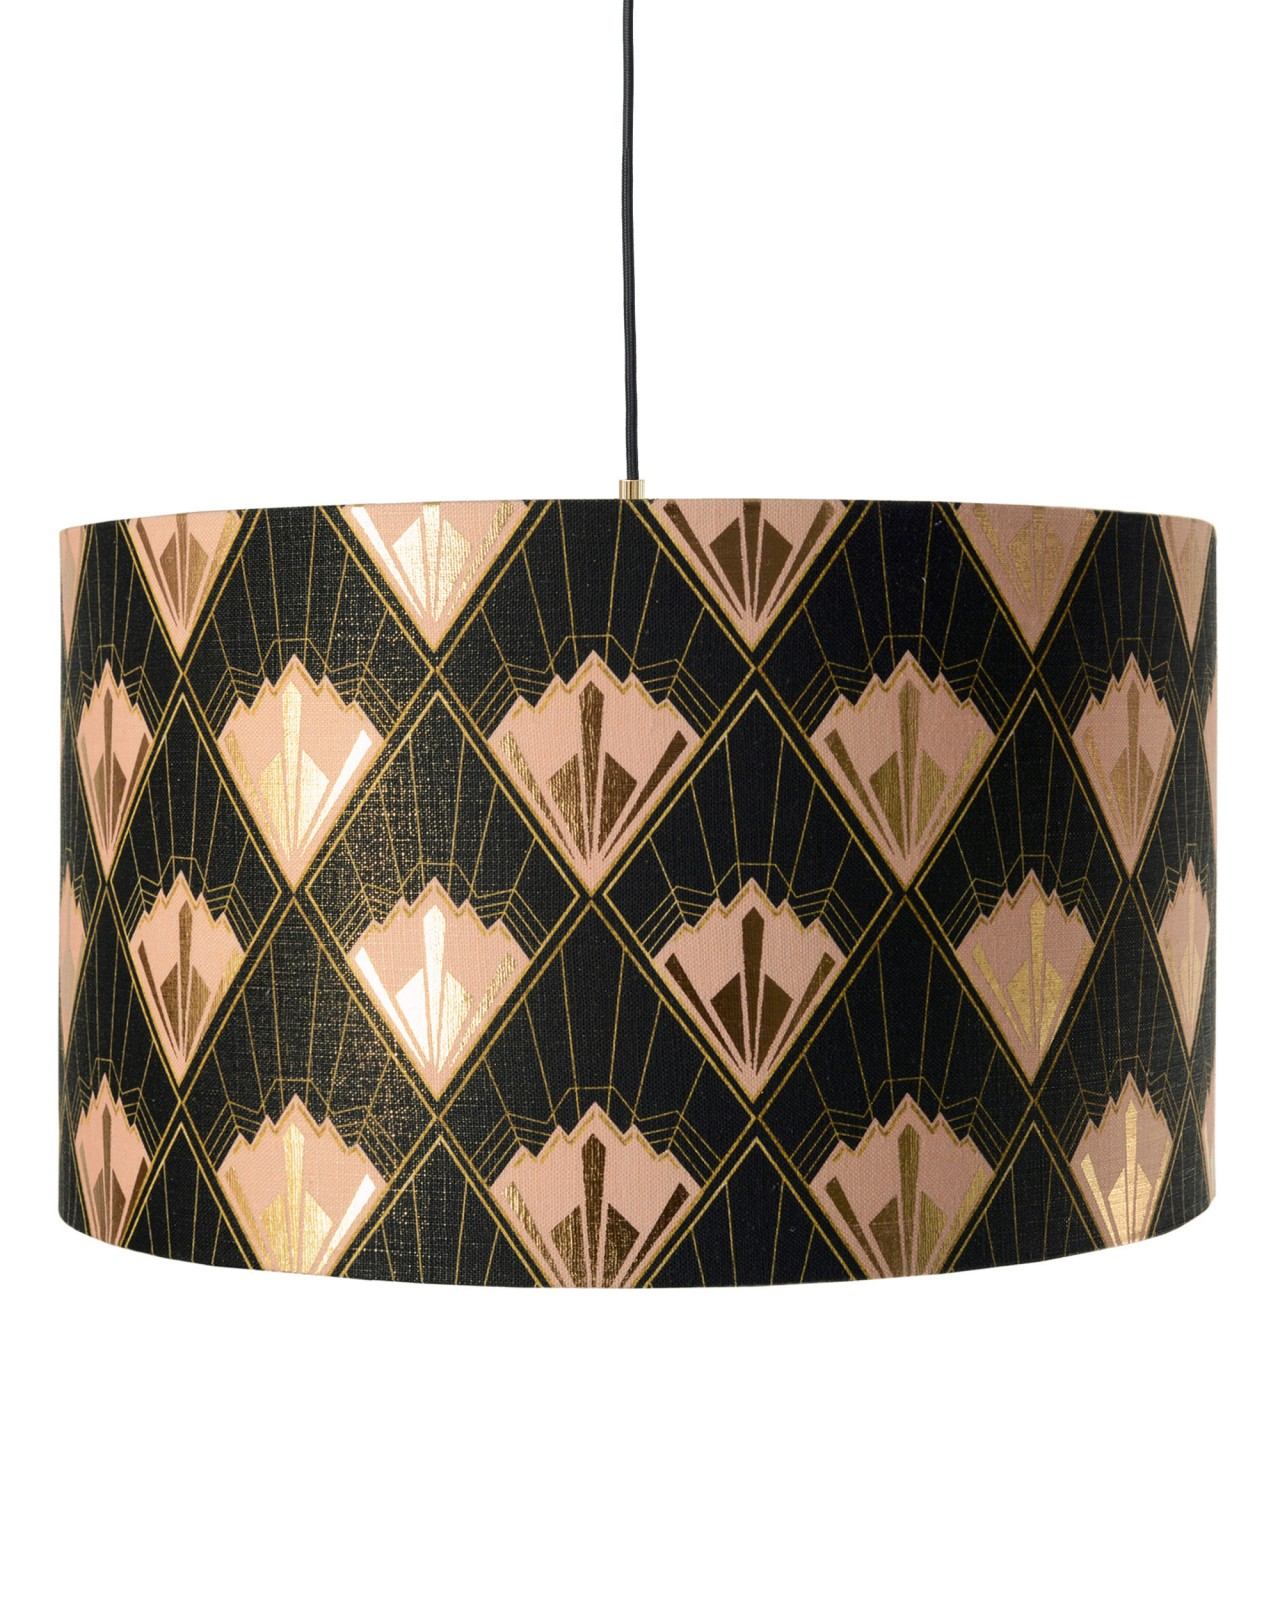 REVIVAL Pendant Lamp